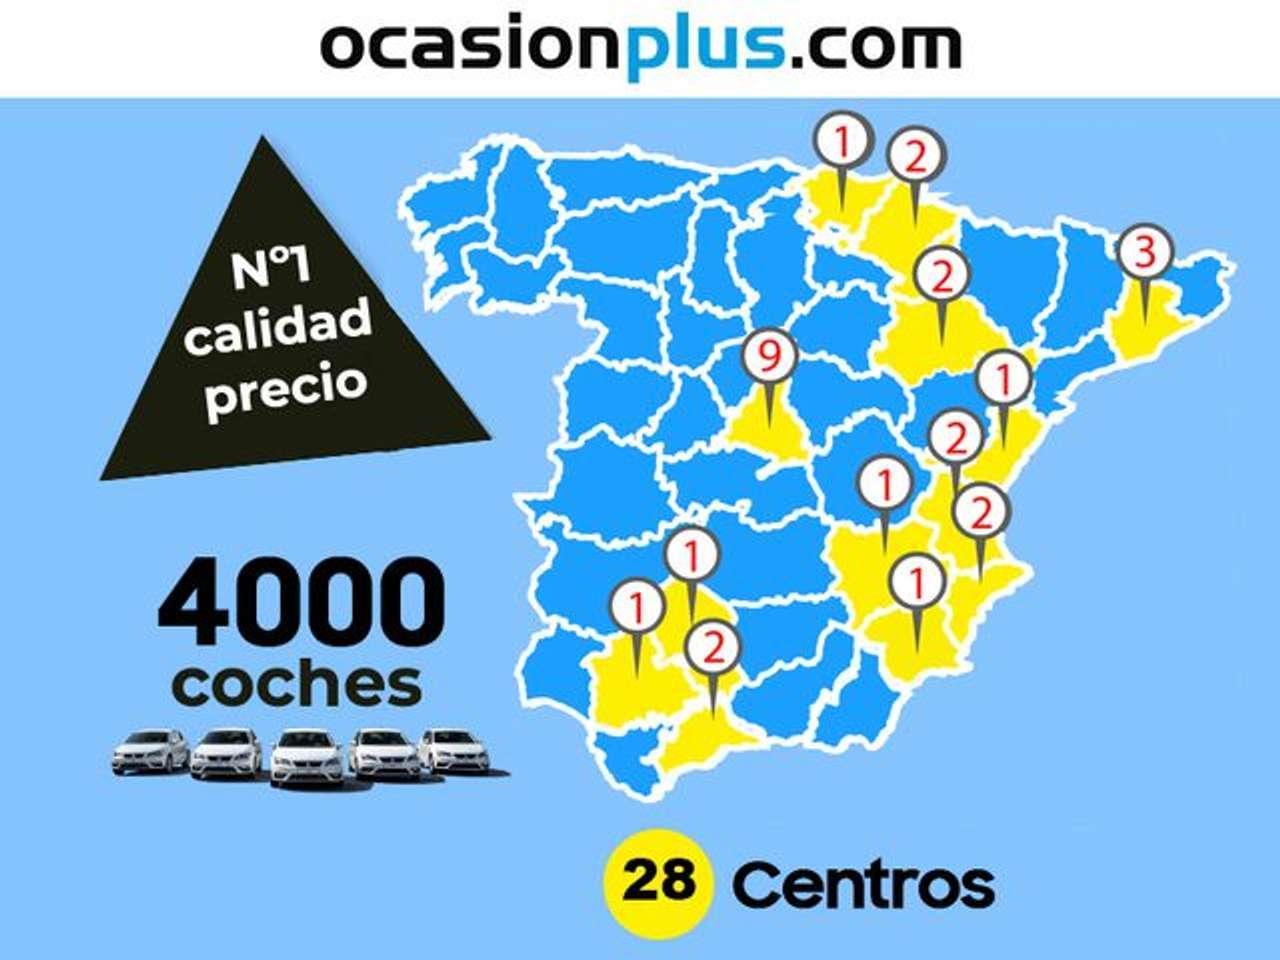 Coches por Citroen C3 Aircross